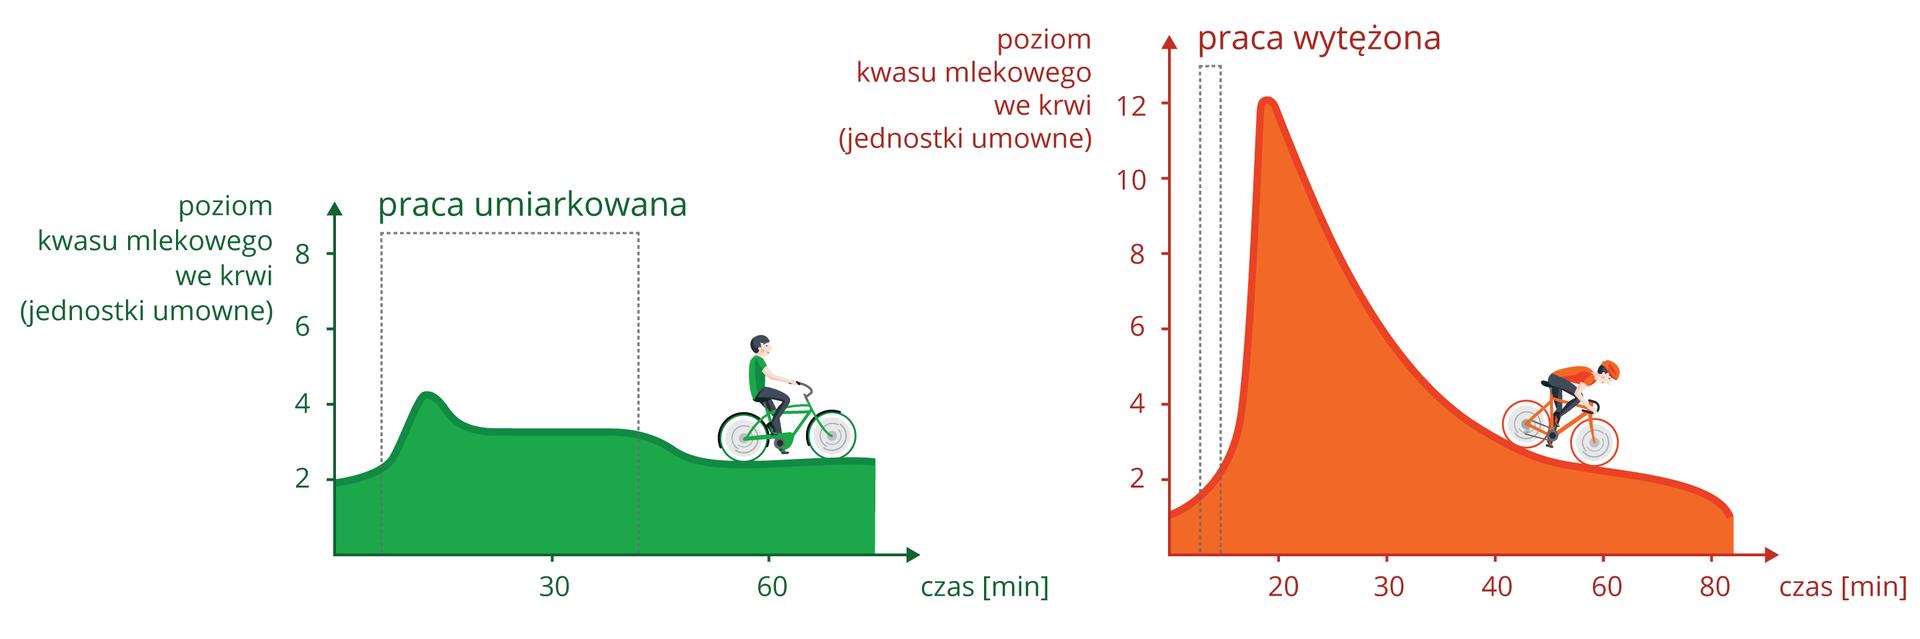 Ilustracja przedstawia dwa wykresy, odnoszące się do poziomu kwasu mlekowego wmięśniach podczas wysiłku. Na osiach Xzaznaczono czas, na osiach Ypoziom kwasu mlekowego we krwi wmilimolach na litr. Czas pracy zaznaczono kropkowanymi liniami. Zlewej wykres zielony dla pracy umiarkowanej. Symbolizuje ją sylwetka człowieka na rowerze, jadącego bez pospiechu. Zprawej pomarańczowy wykres dla pracy wytężonej. Symbolizuje ją kolarz, jadący szybko zgórki.